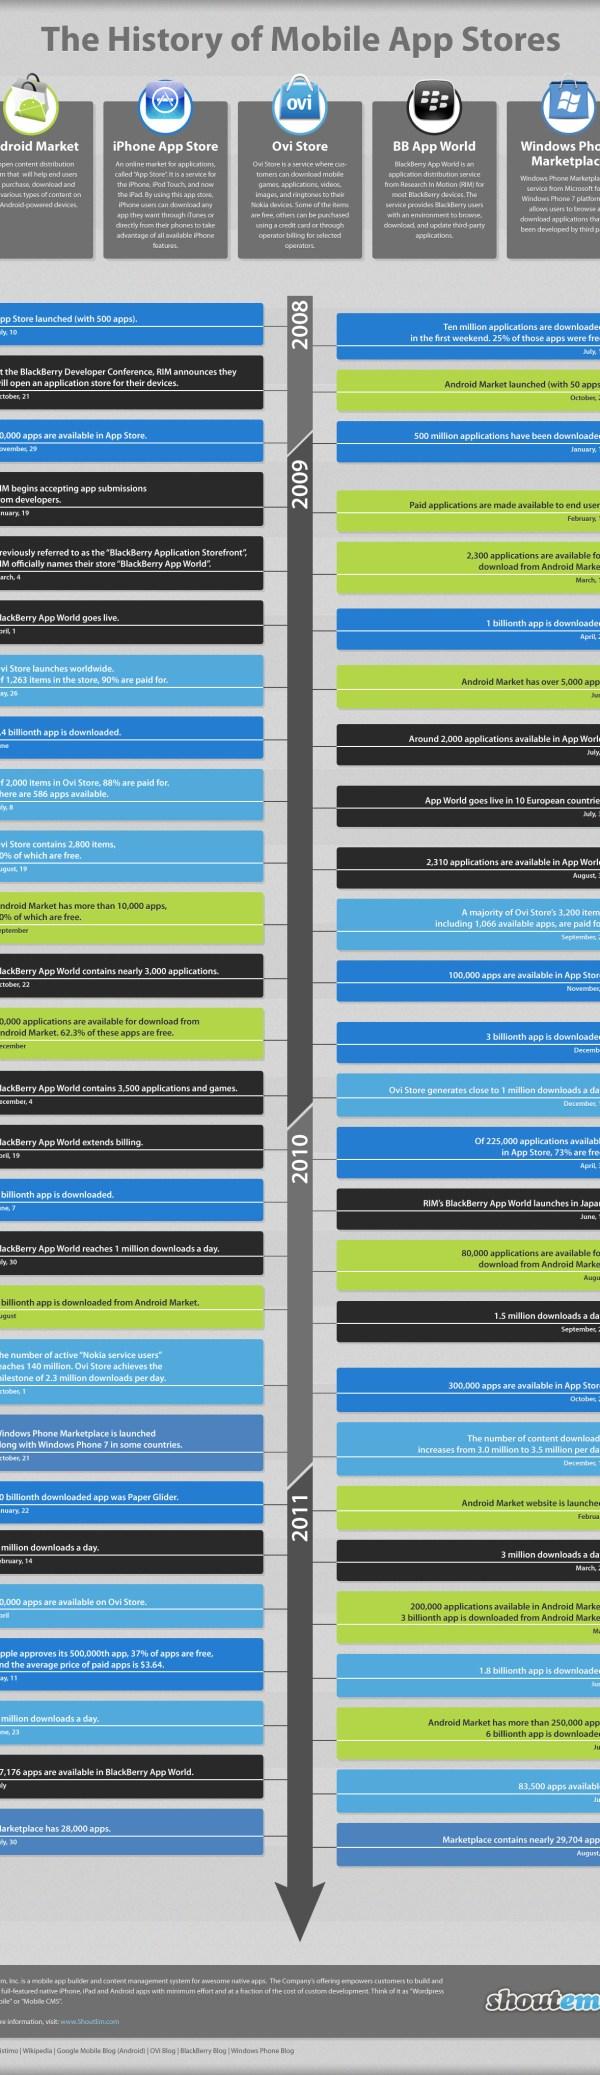 La historia de las tiendas de aplicaciones [Infografía]